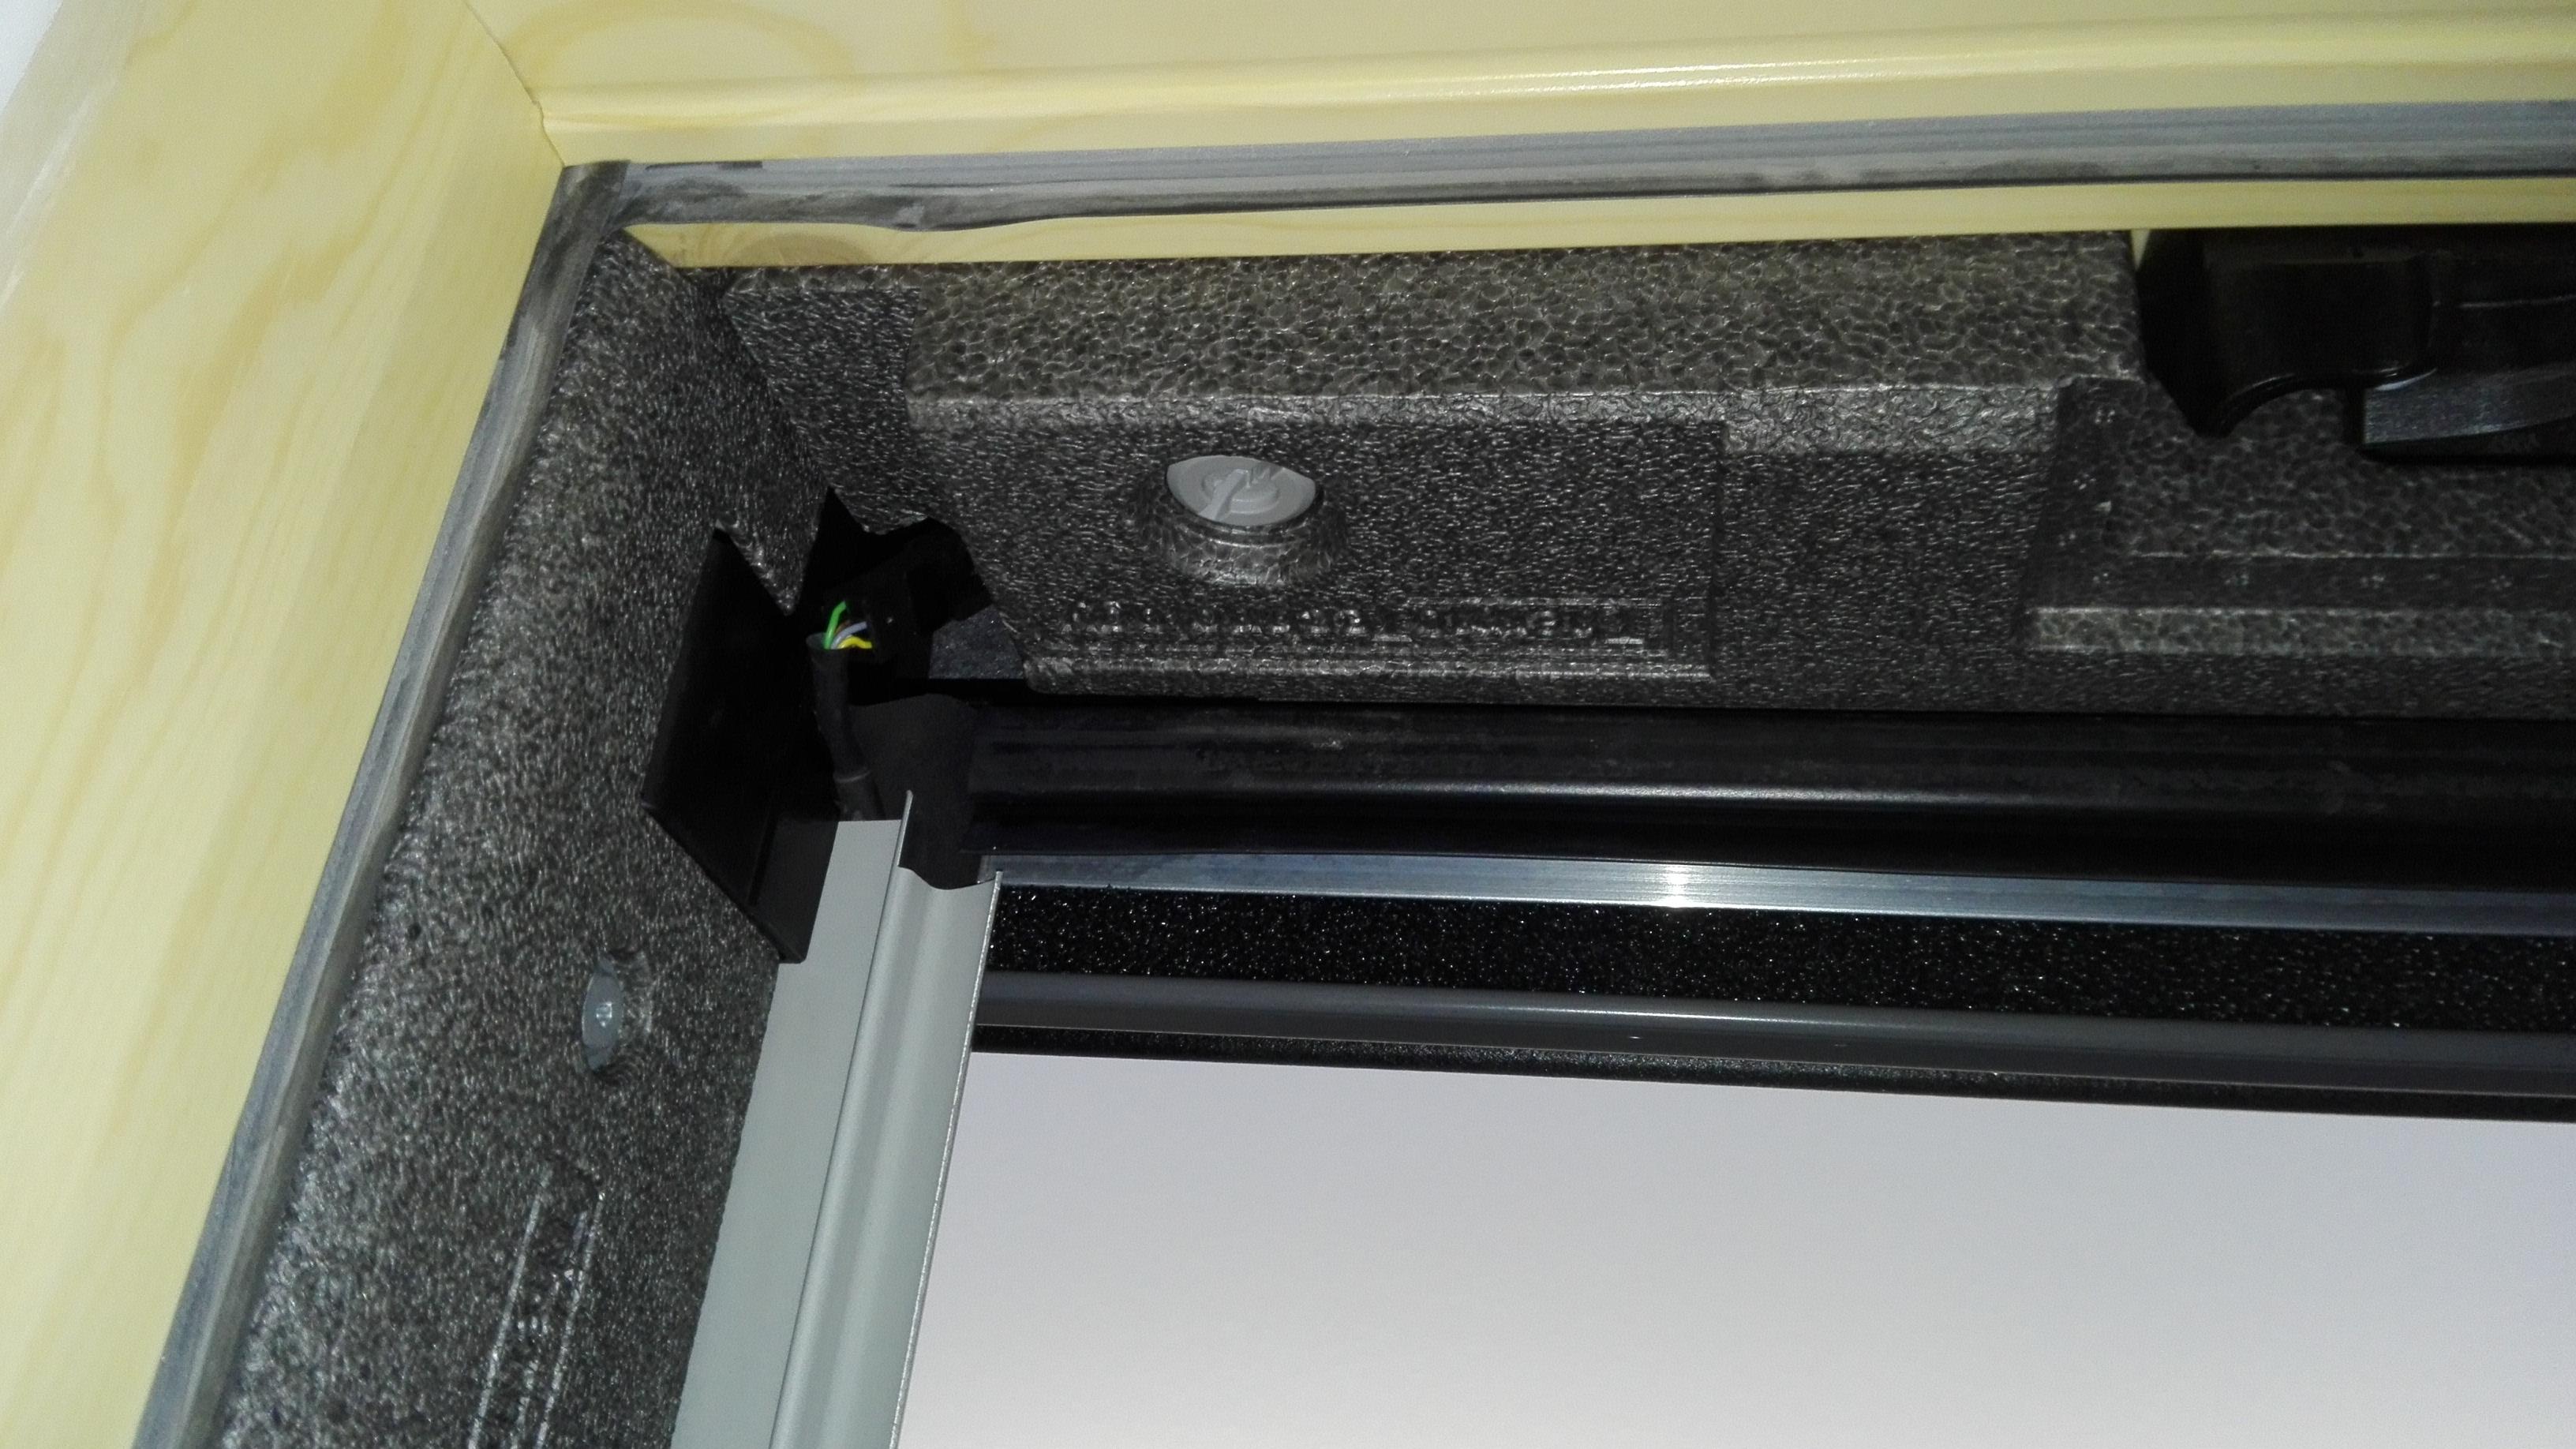 La finestra integra non funziona velux come fare for Motore elettrico per velux